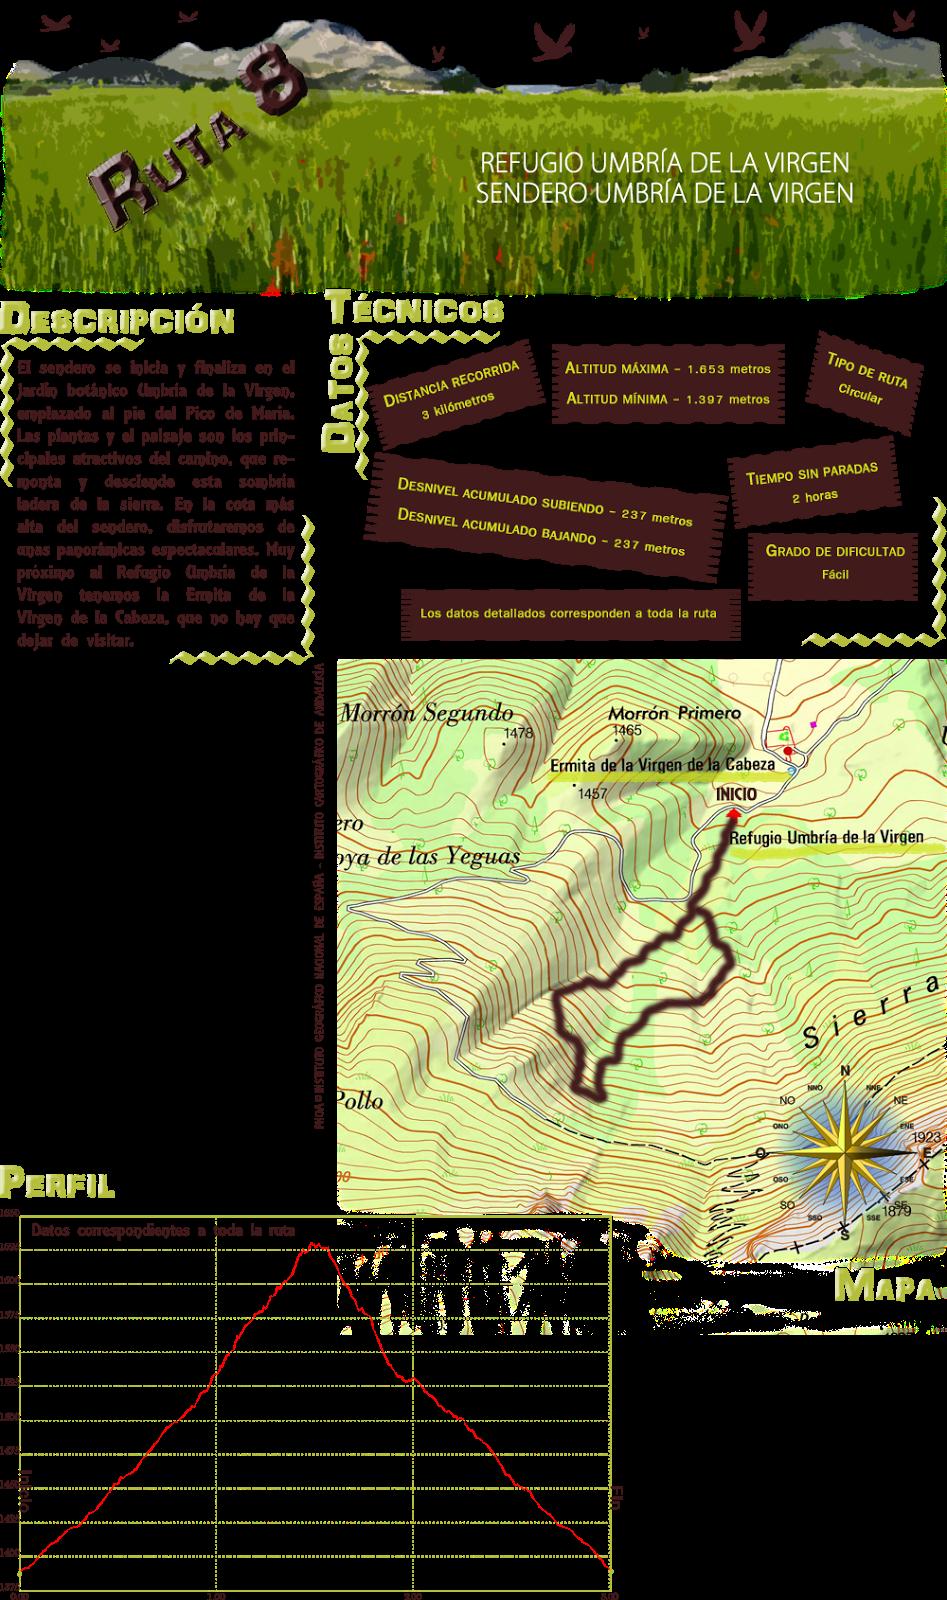 Ruta 8: Descripcion y datos tecnicos